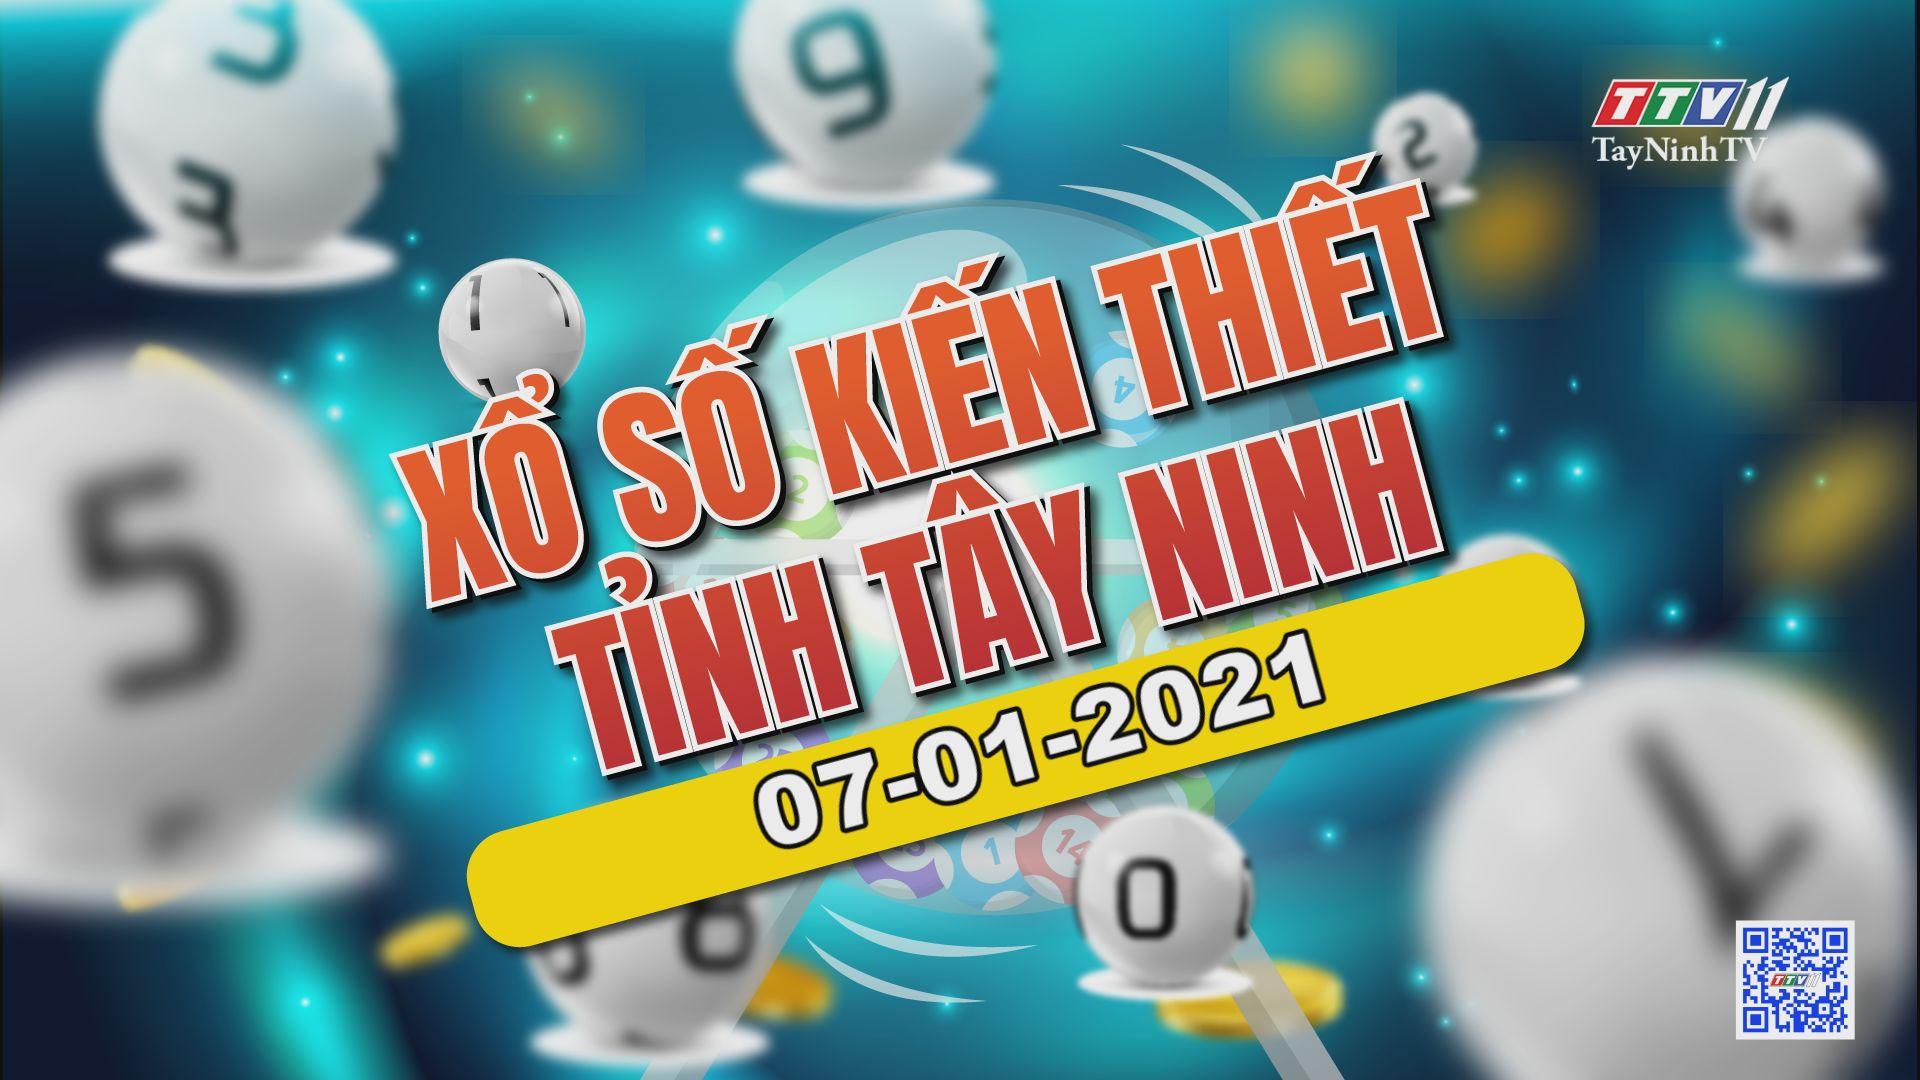 Trực tiếp Xổ số Tây Ninh ngày 07-01-2021 | TayNinhTV